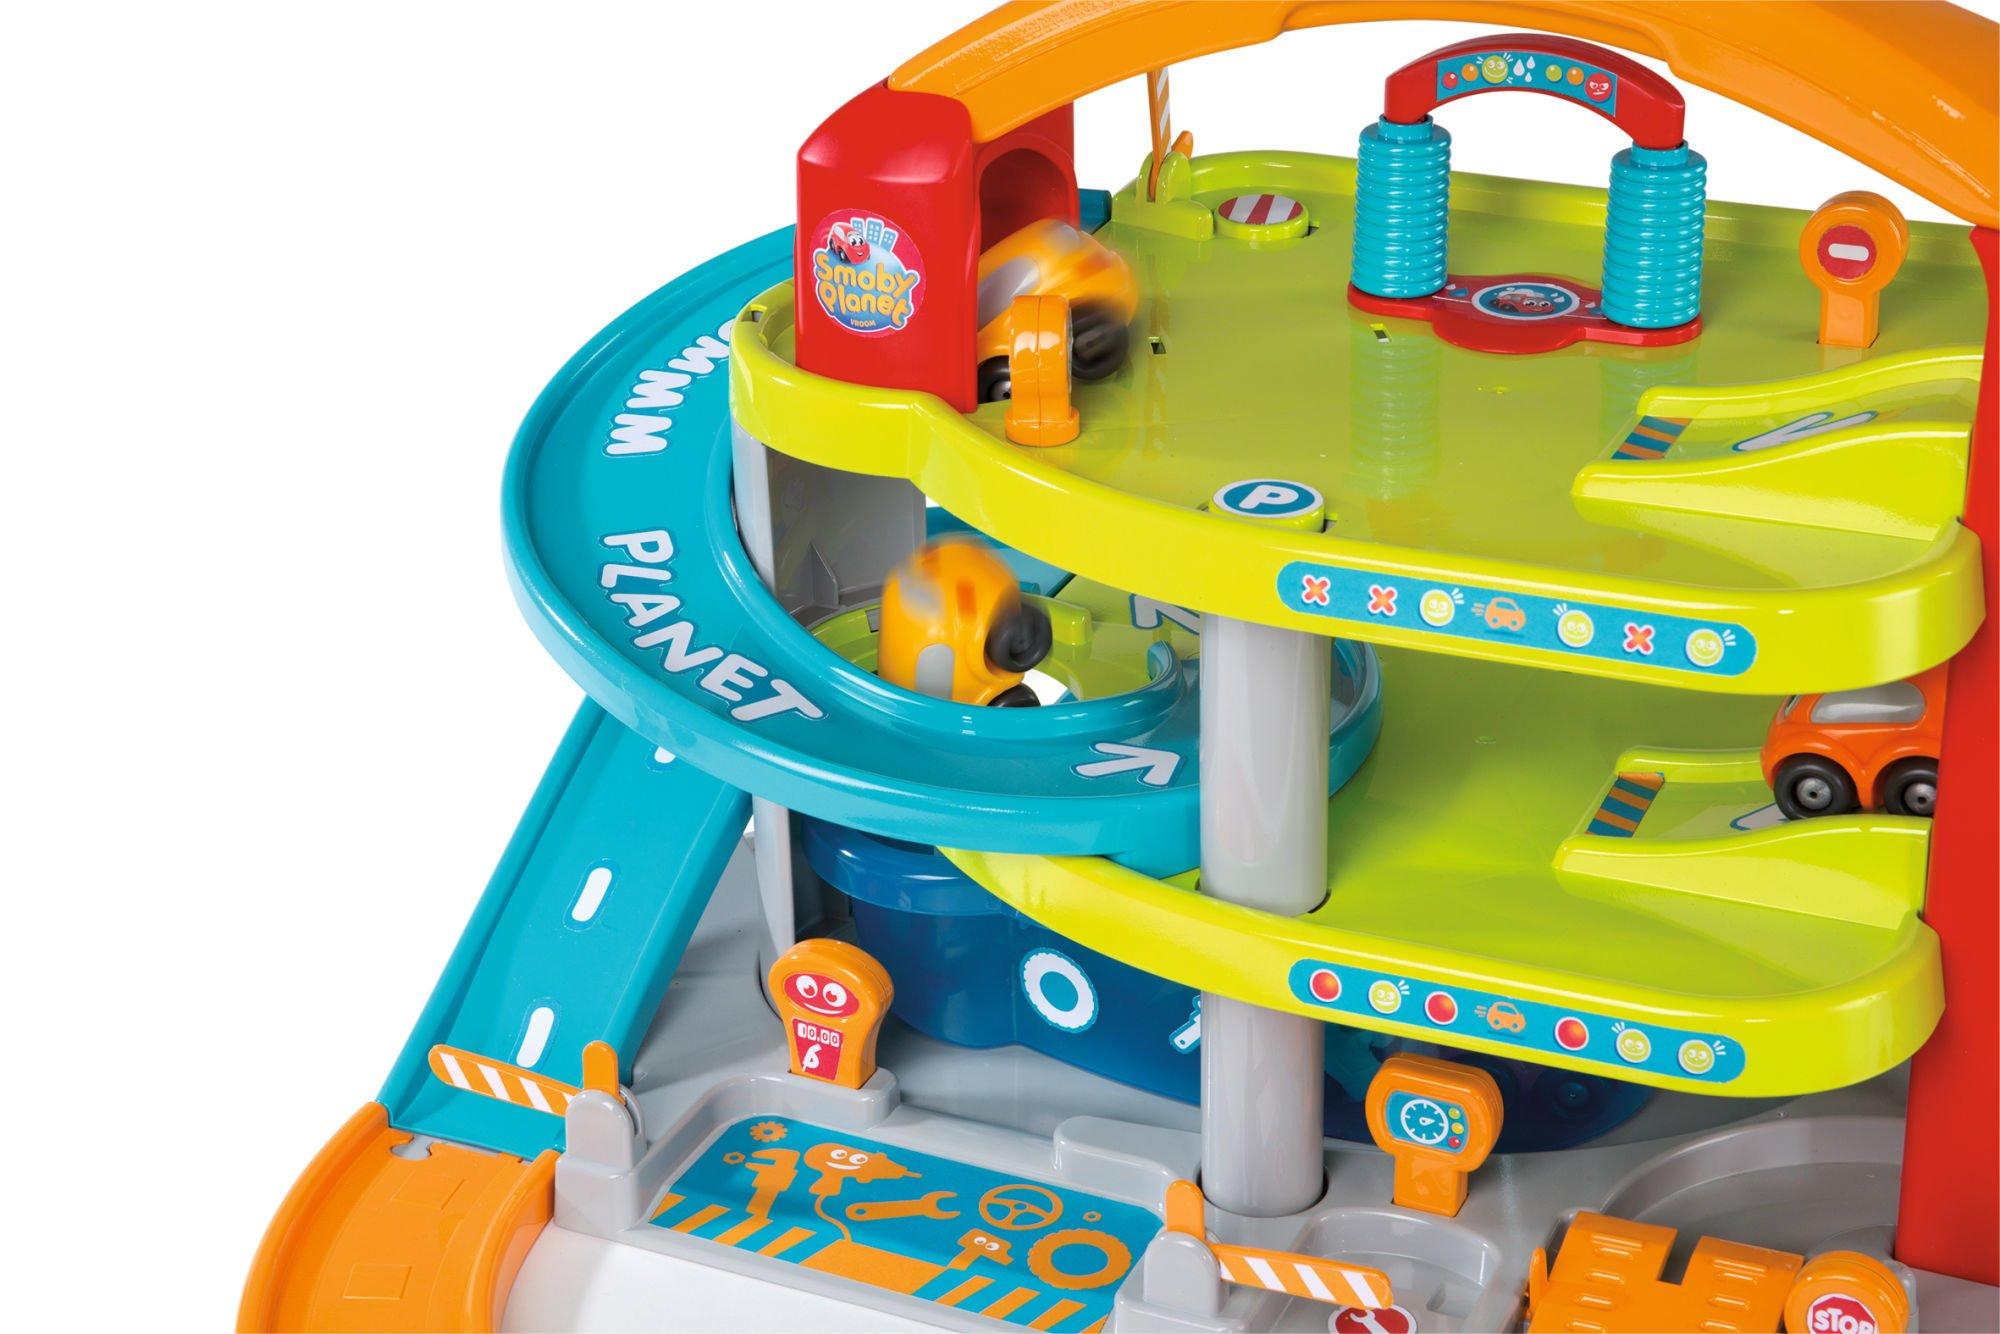 Smoby 120401 Vroom Planet Duży Piętrowy Garaż Z Autkiem Dla Dzieci